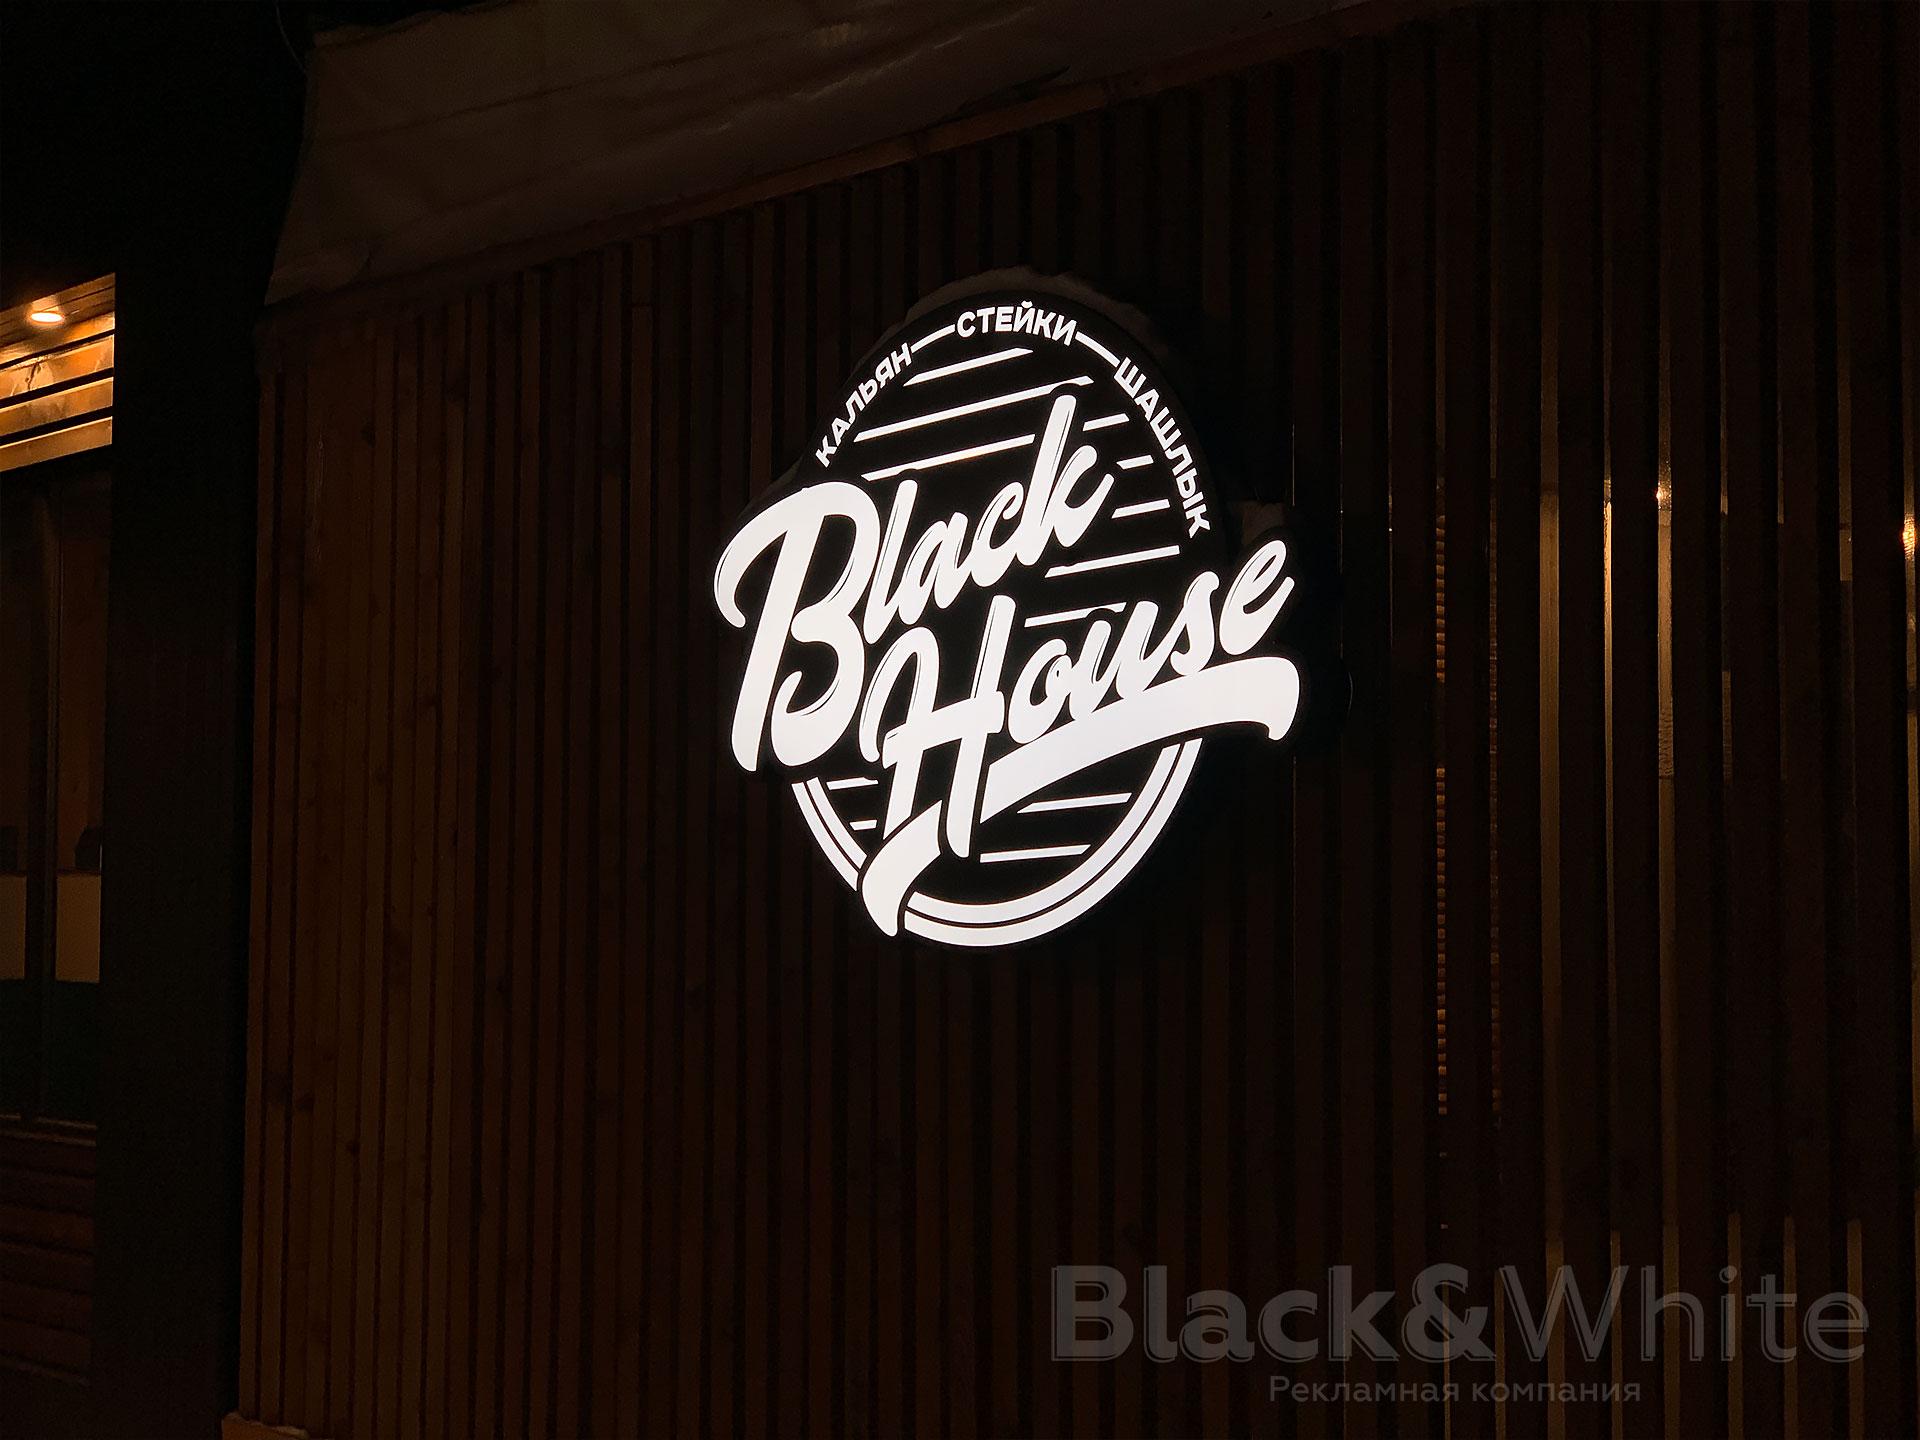 Пластиковый-световой-короб-лайтбокс-Black&White.jpg